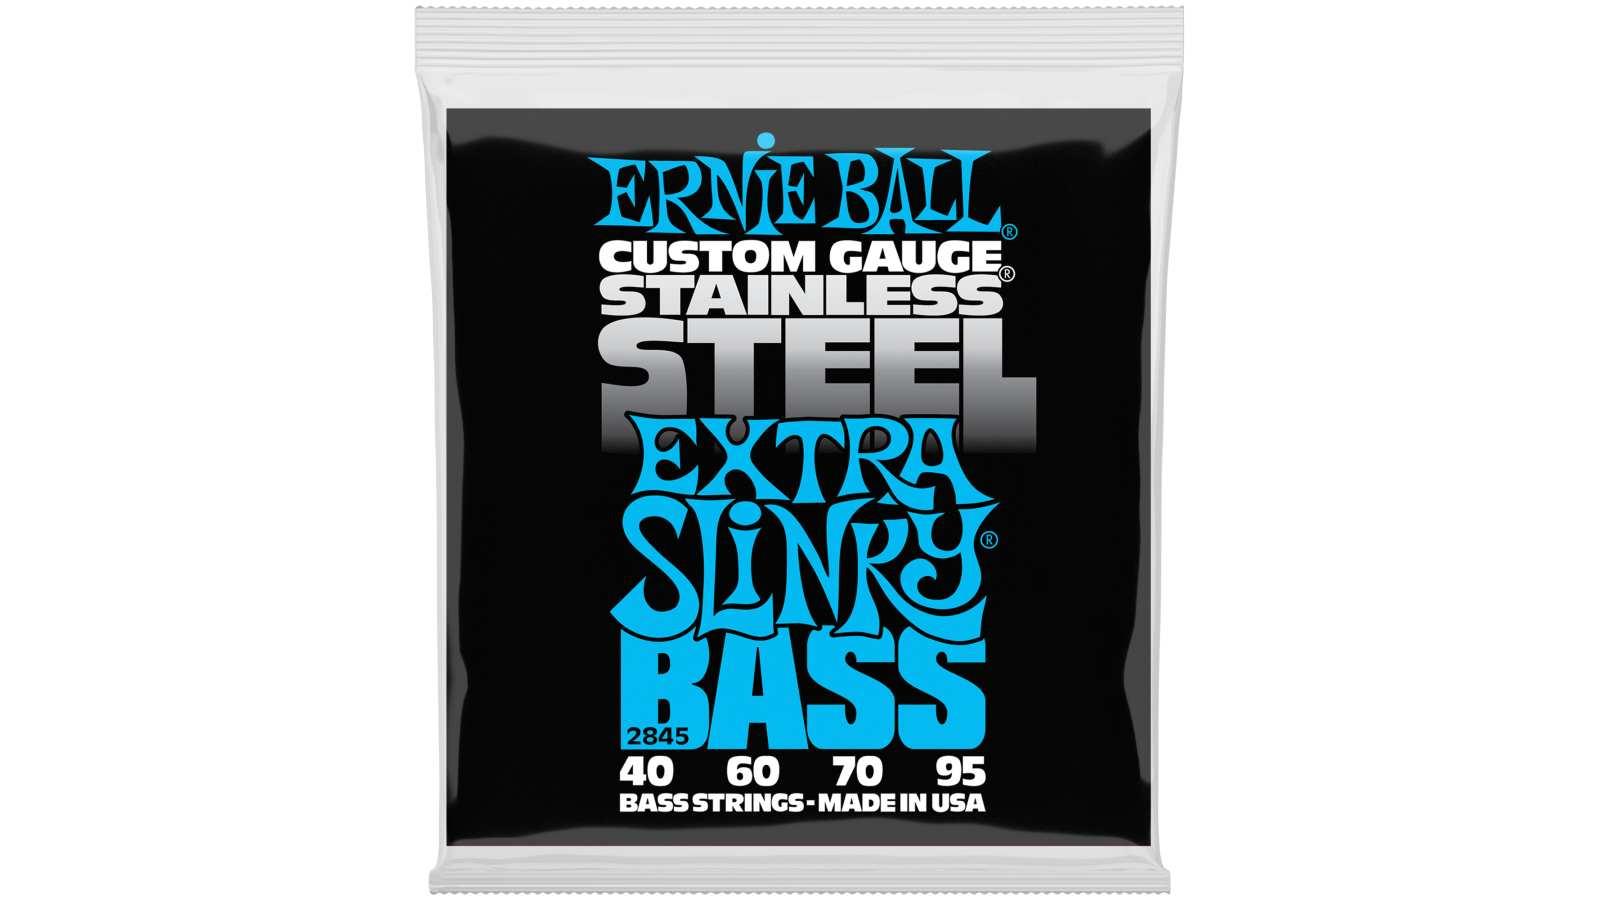 Ernie Ball EB-2845 Bass Saiten 40-95